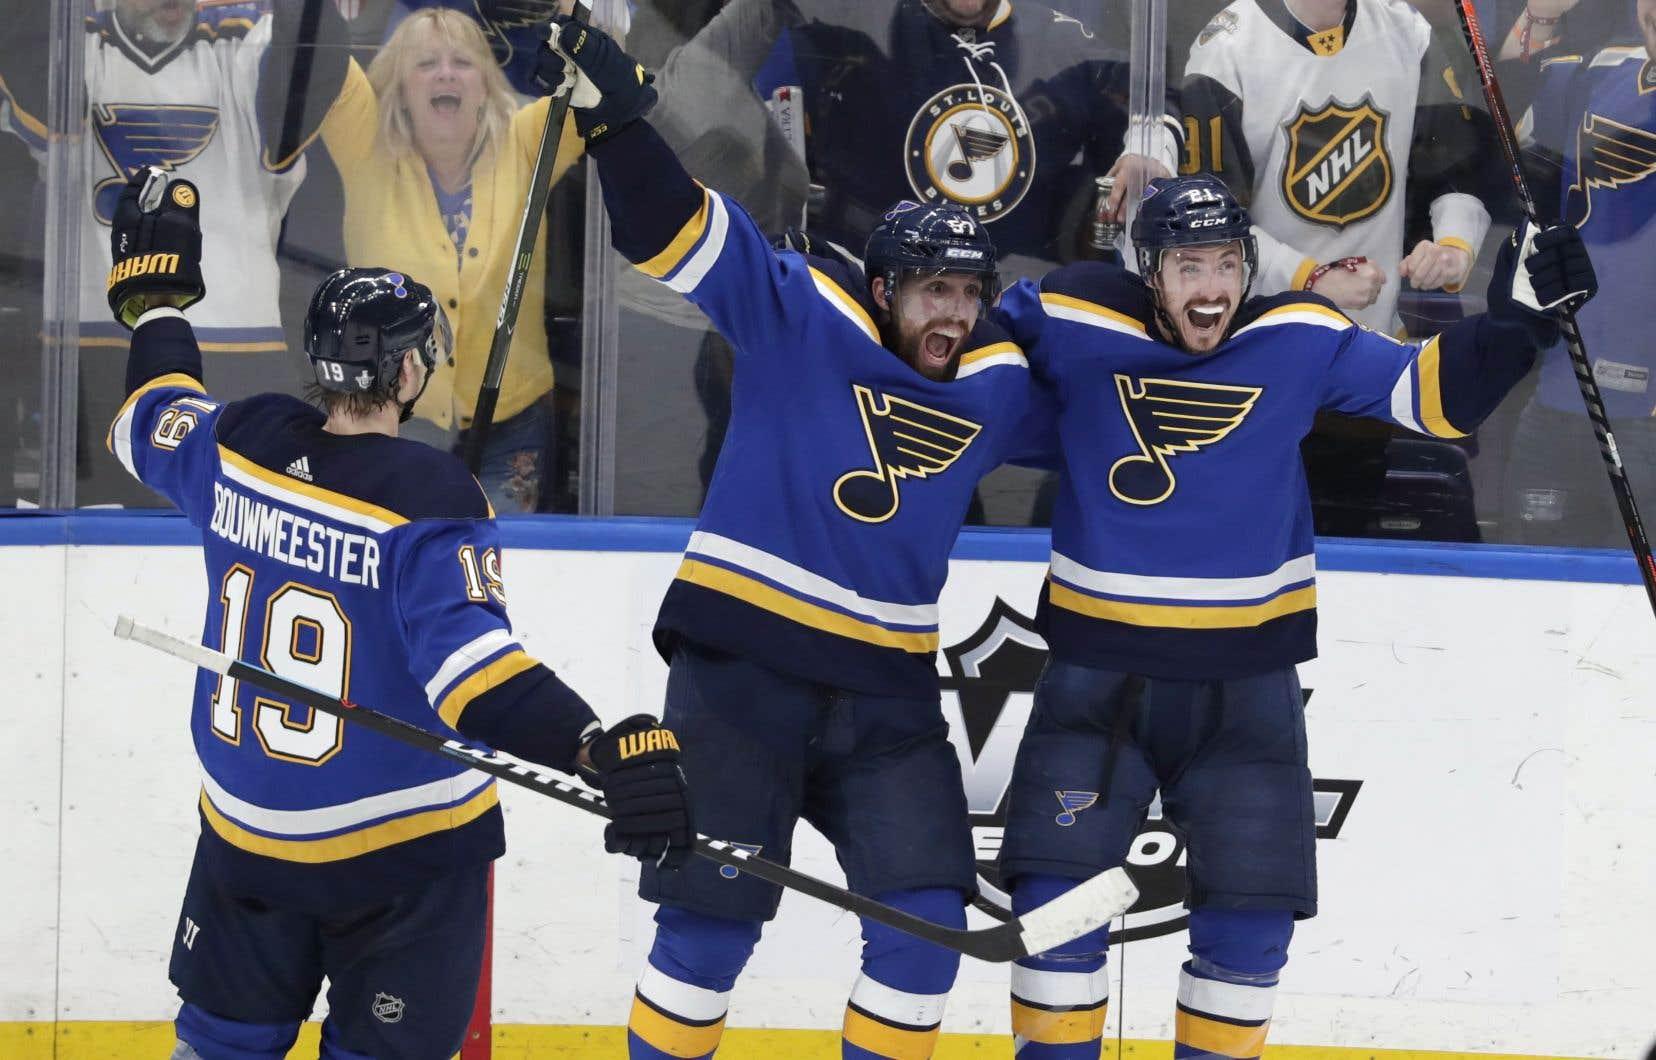 Grâce à cette victoire en six parties lors de la finale de l'Association Ouest, les Blues rejoignent les Bruins de Boston, qui ont pour leur part balayé les Hurricanes de la Caroline lors de la finale de l'Est.